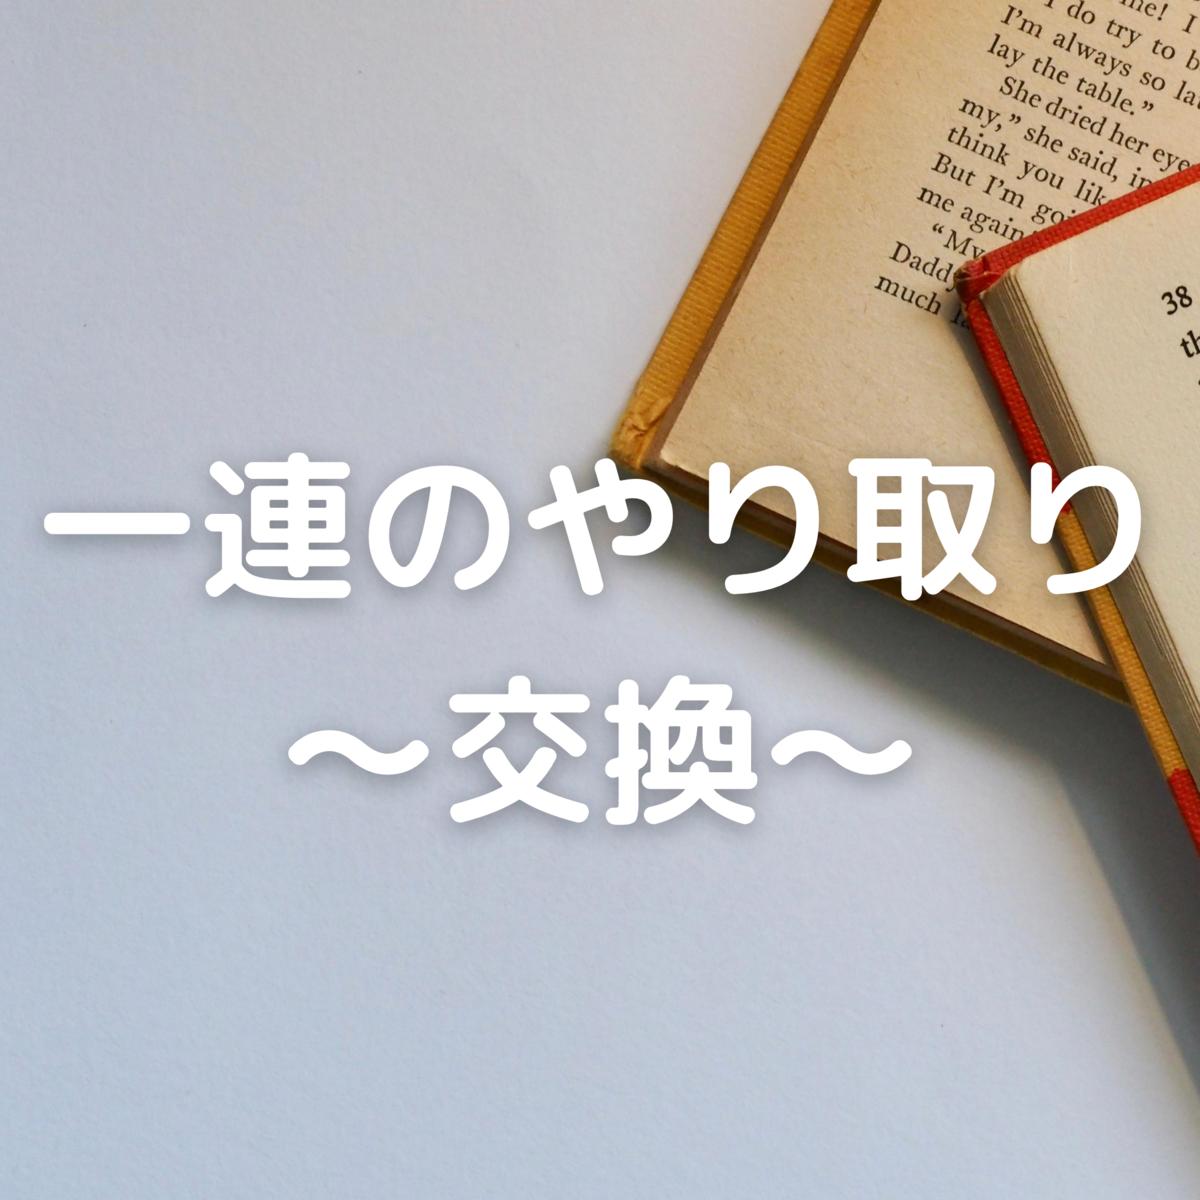 f:id:blue_otorihiki:20200728032551p:plain